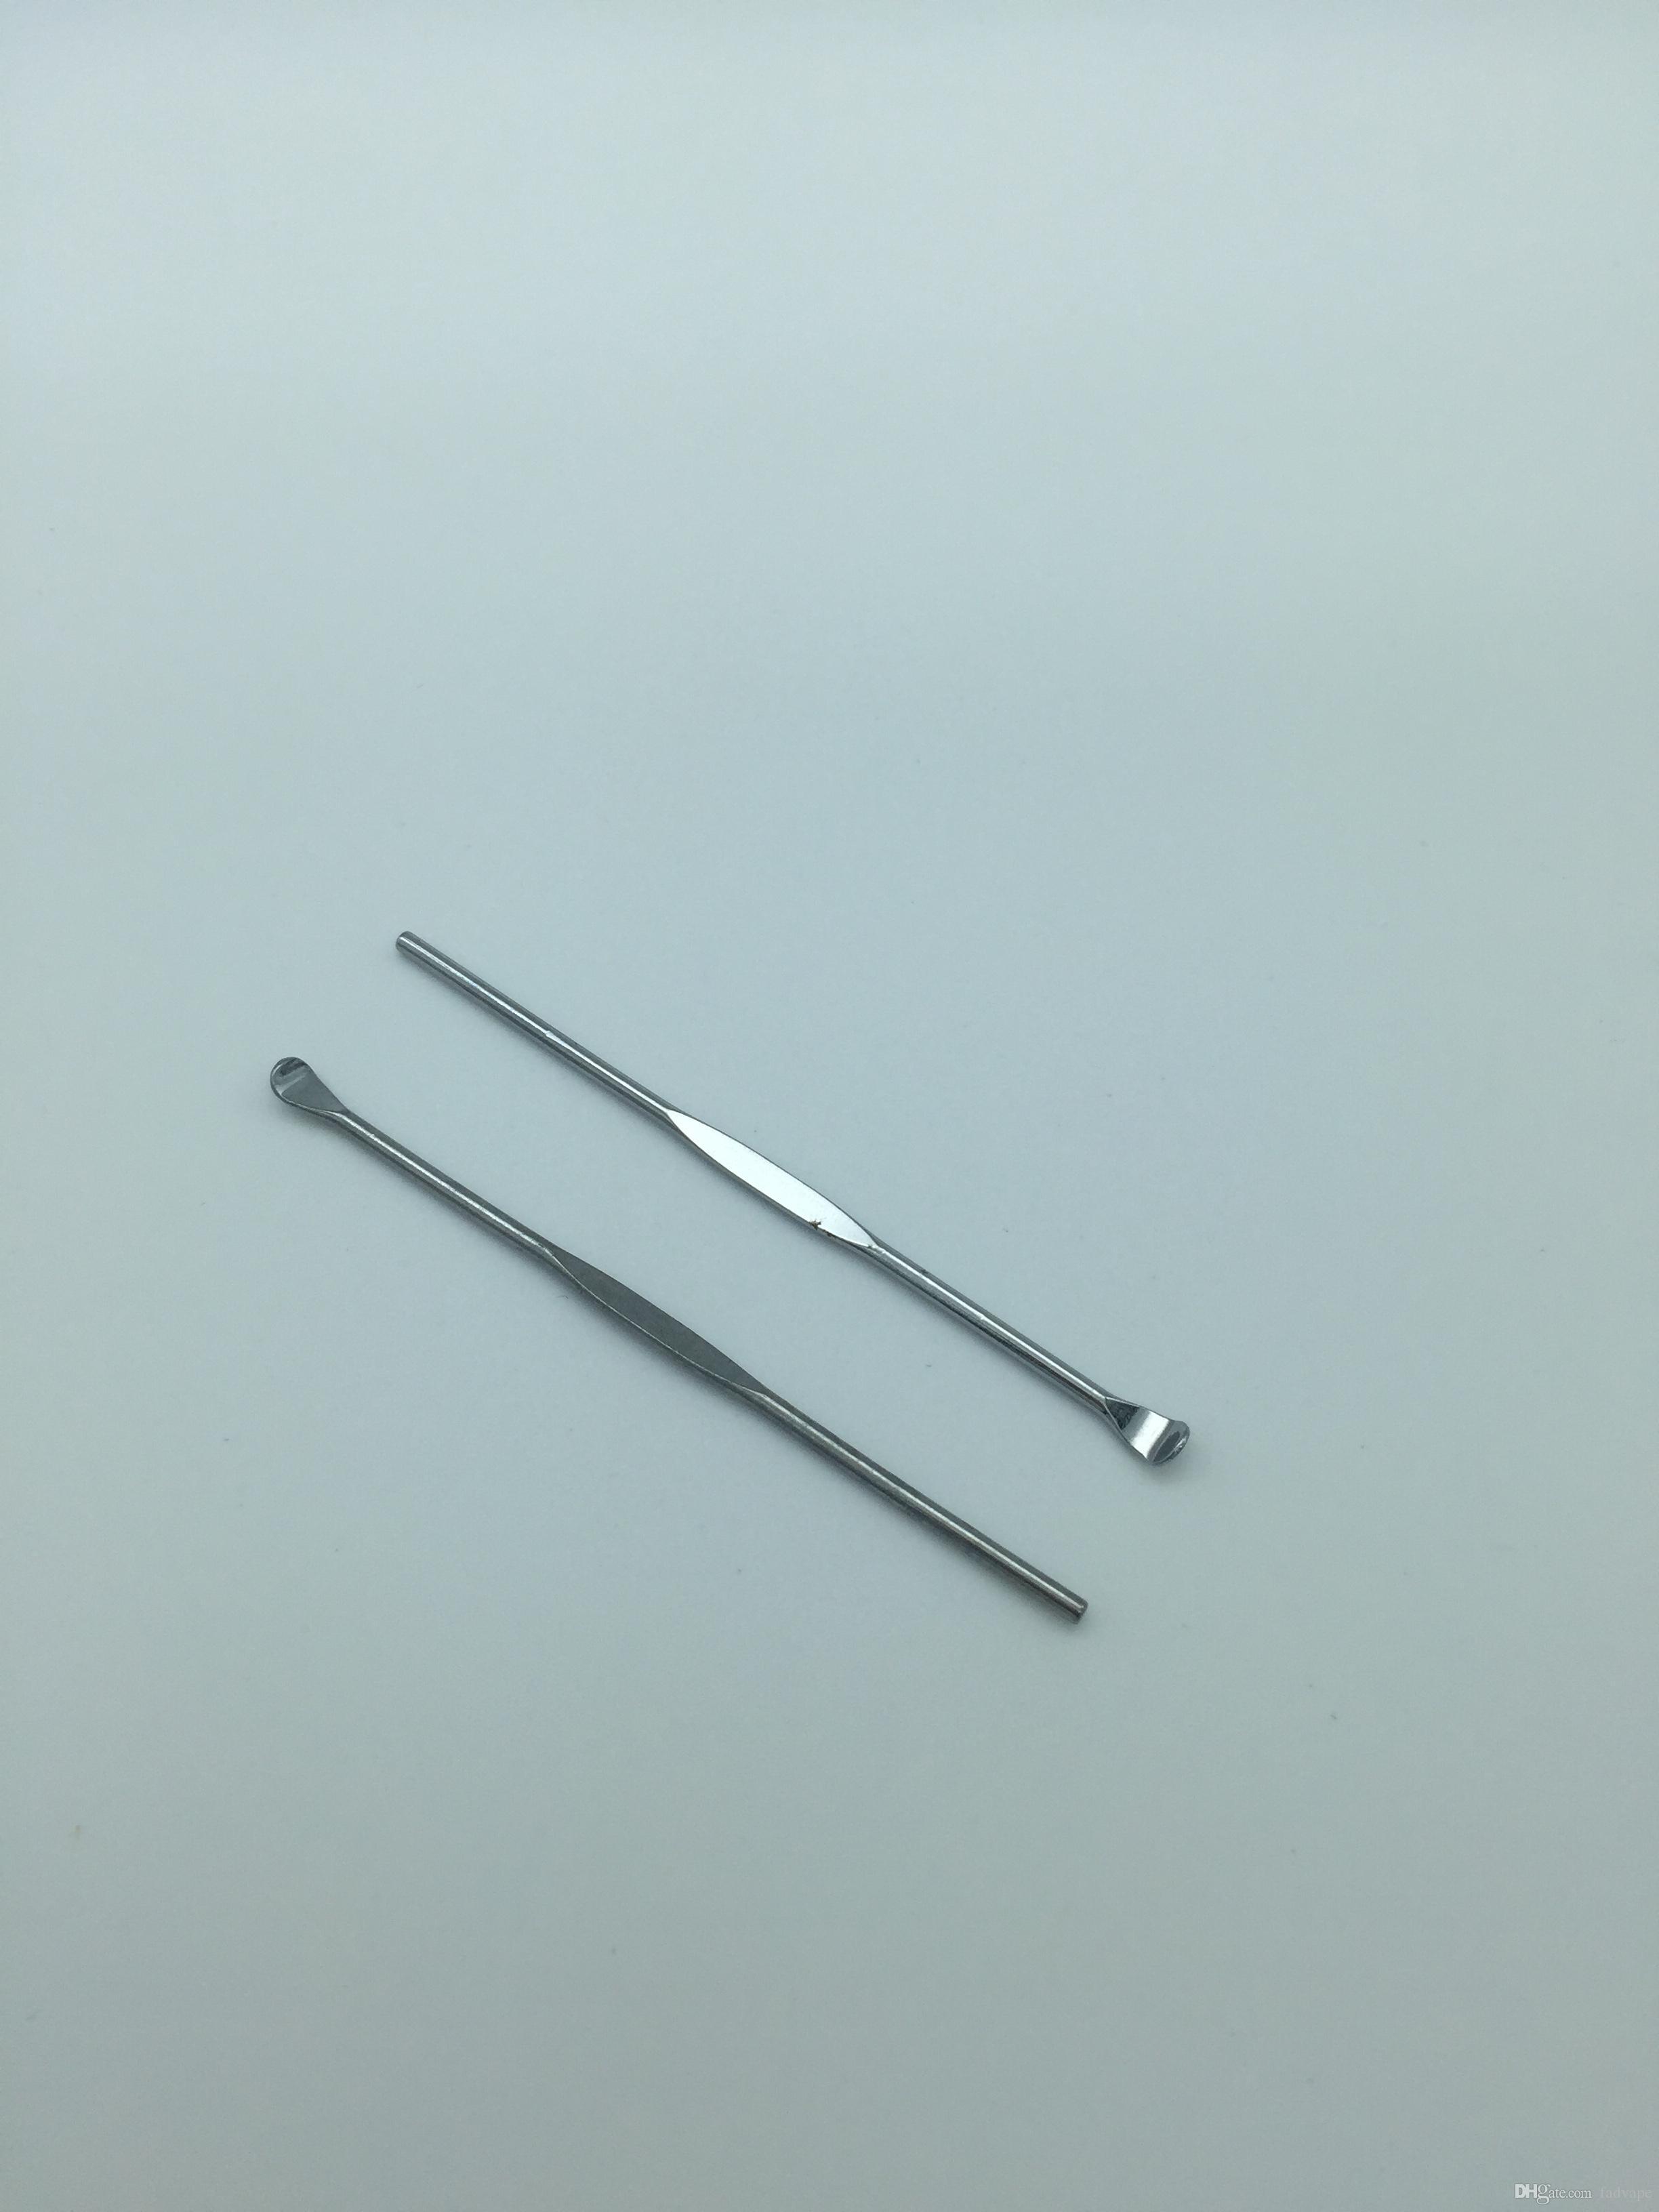 Küçük dab aracı metal dabber wax araçları paslanmaz çelik toptan fiyat ile buharlaştırıcı için dabbing çıkartmalar